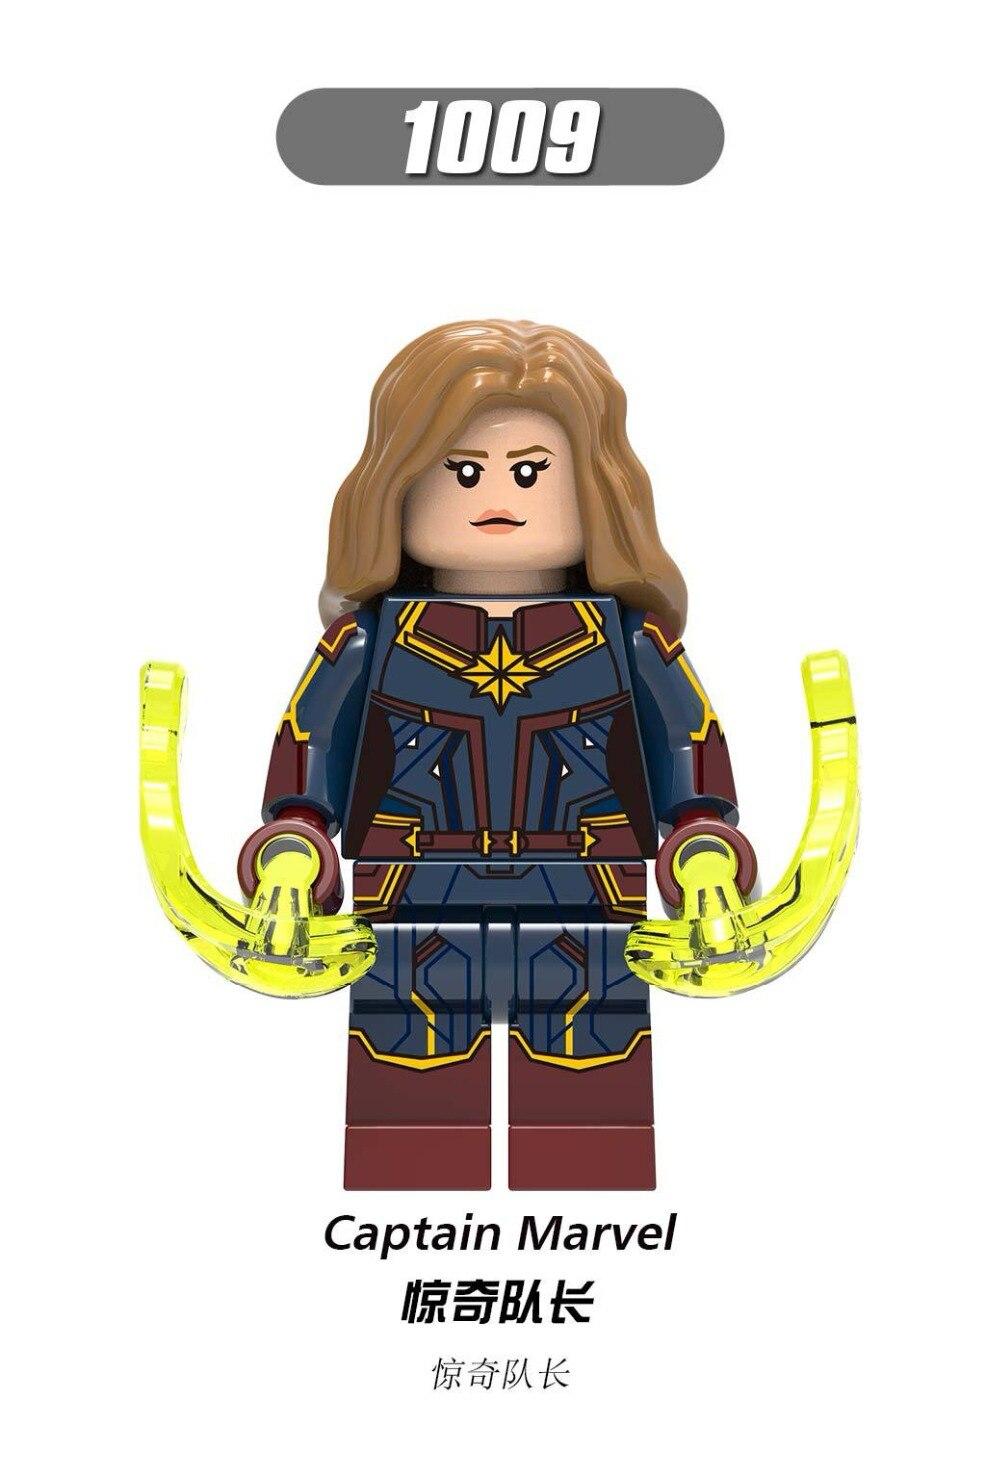 50PCS Captain Marvel Avengers 4 Infinity War Super Heroes Captain America Building Blocks Toys for Children